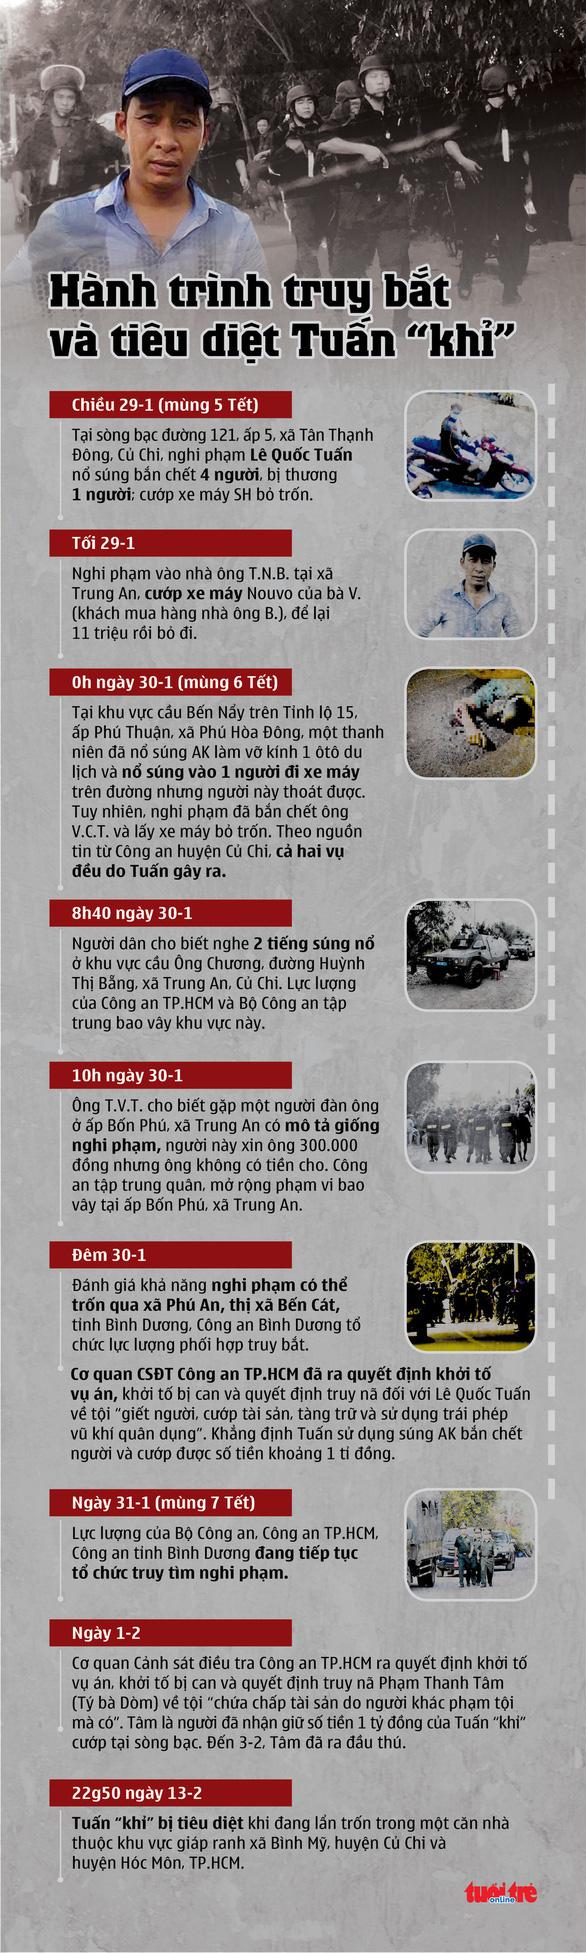 Vận động người dân hỗ trợ truy tìm hai xe máy liên quan vụ Tuấn khỉ - Ảnh 2.